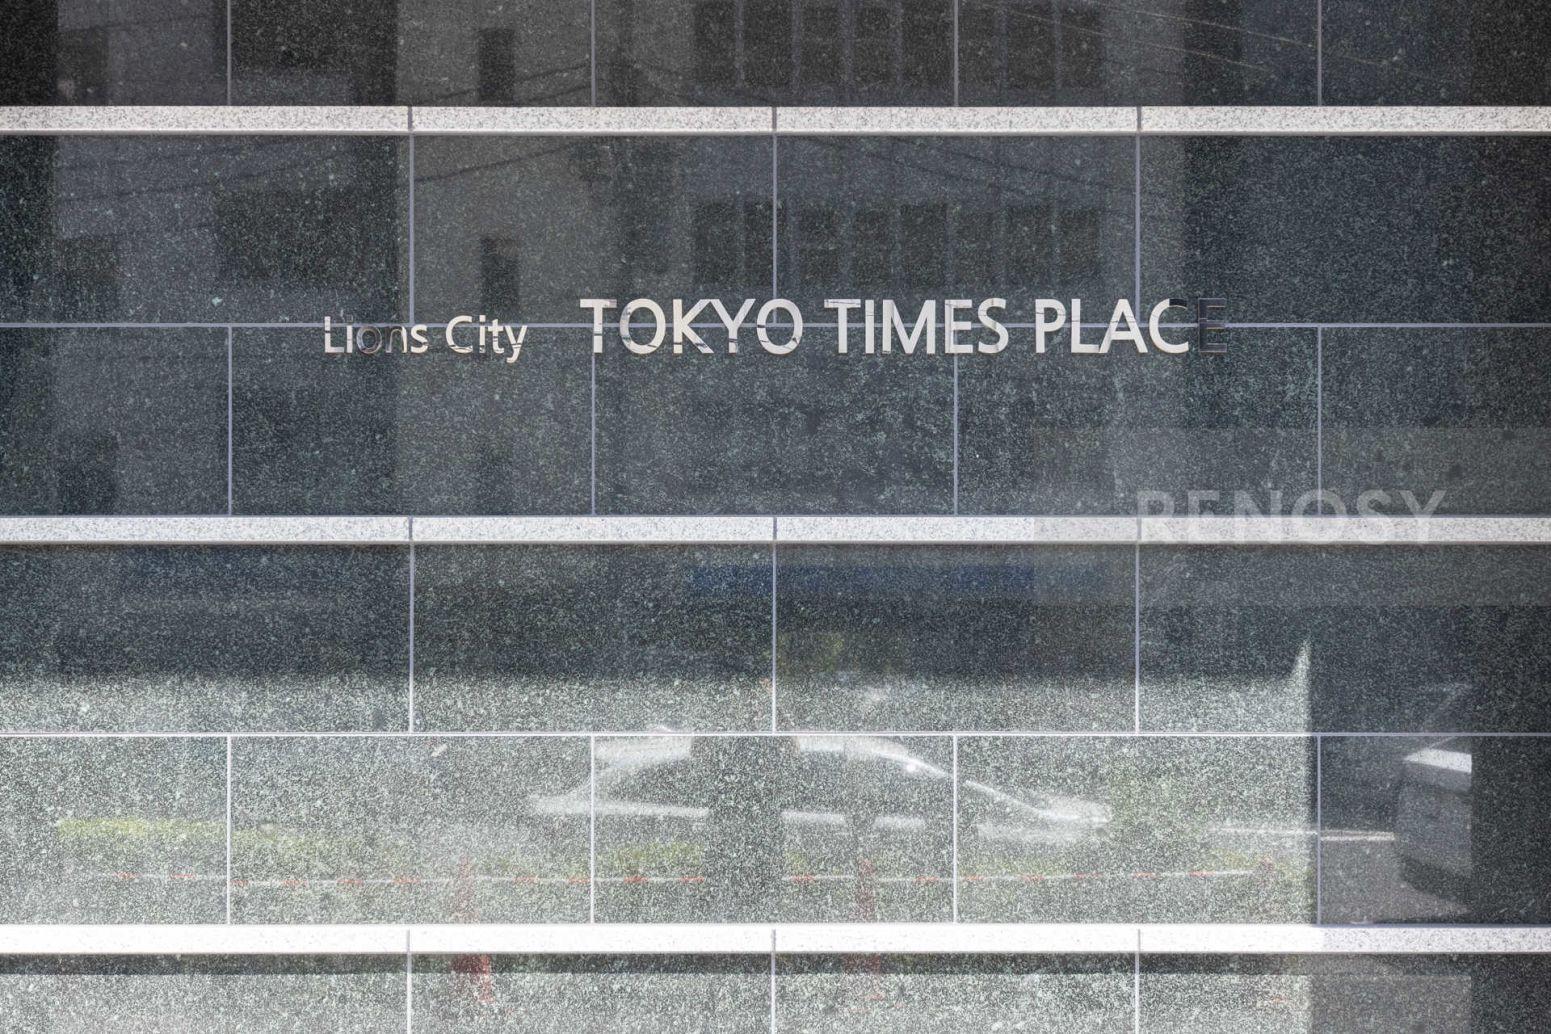 ライオンズシティ東京タイムズプレイス